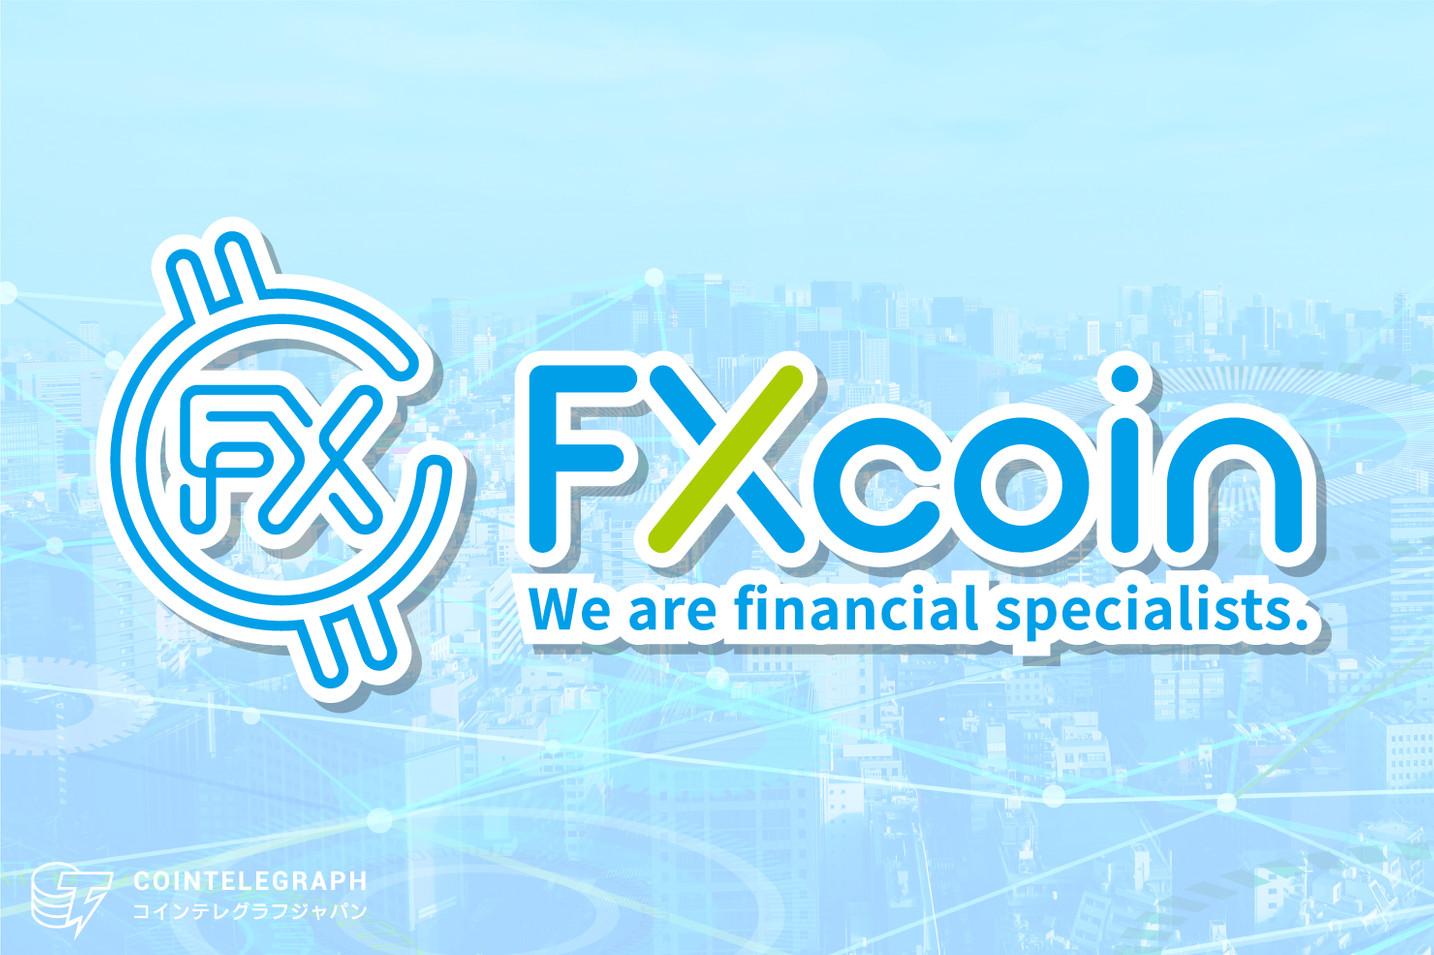 暗号資産XRPの取引の実証実験について【FXcoin】